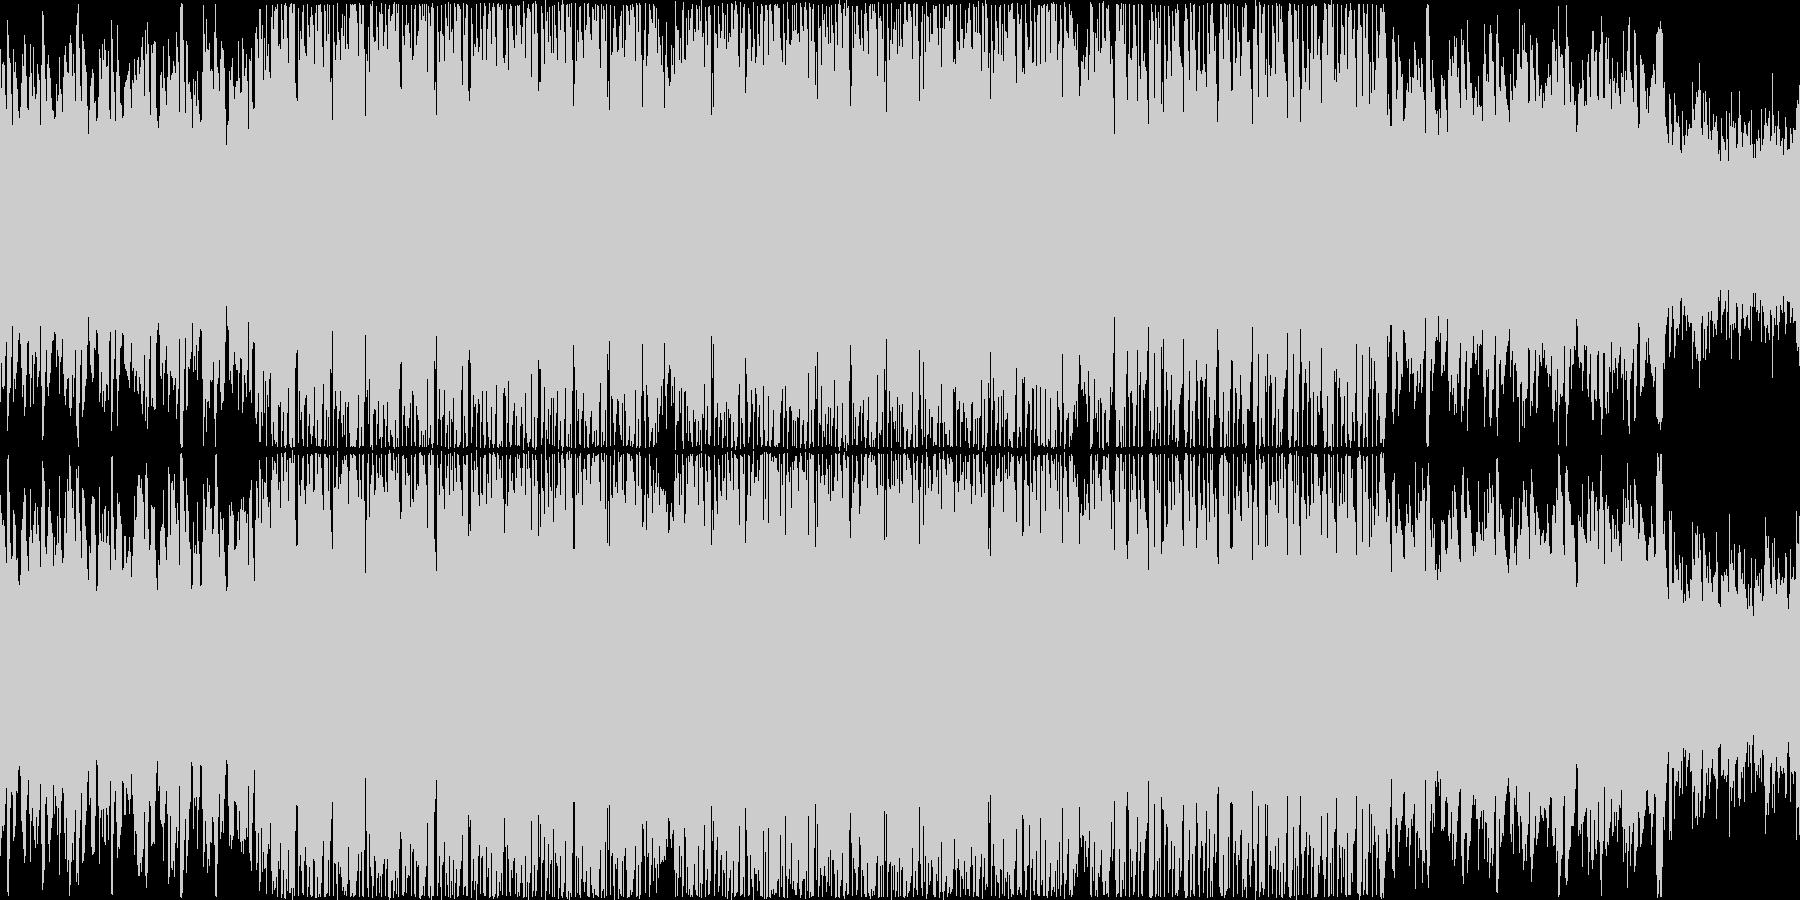 非常にリラックスしたムードのループ曲の未再生の波形